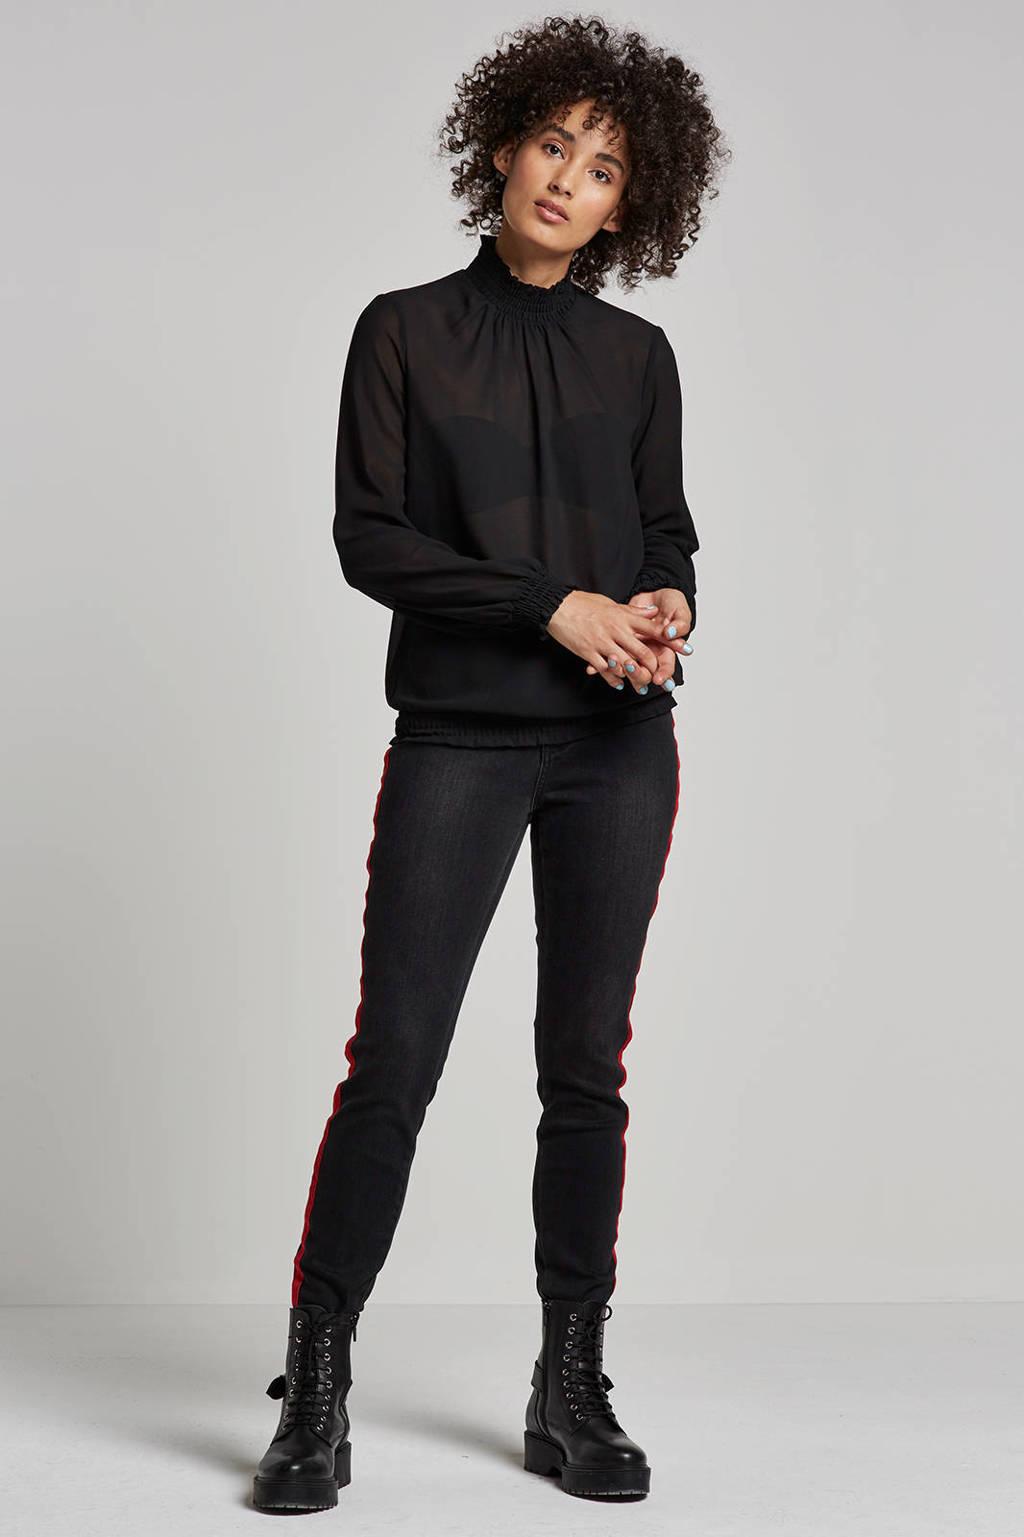 VERO MODA jeans met zijstreep, Zwart/rood